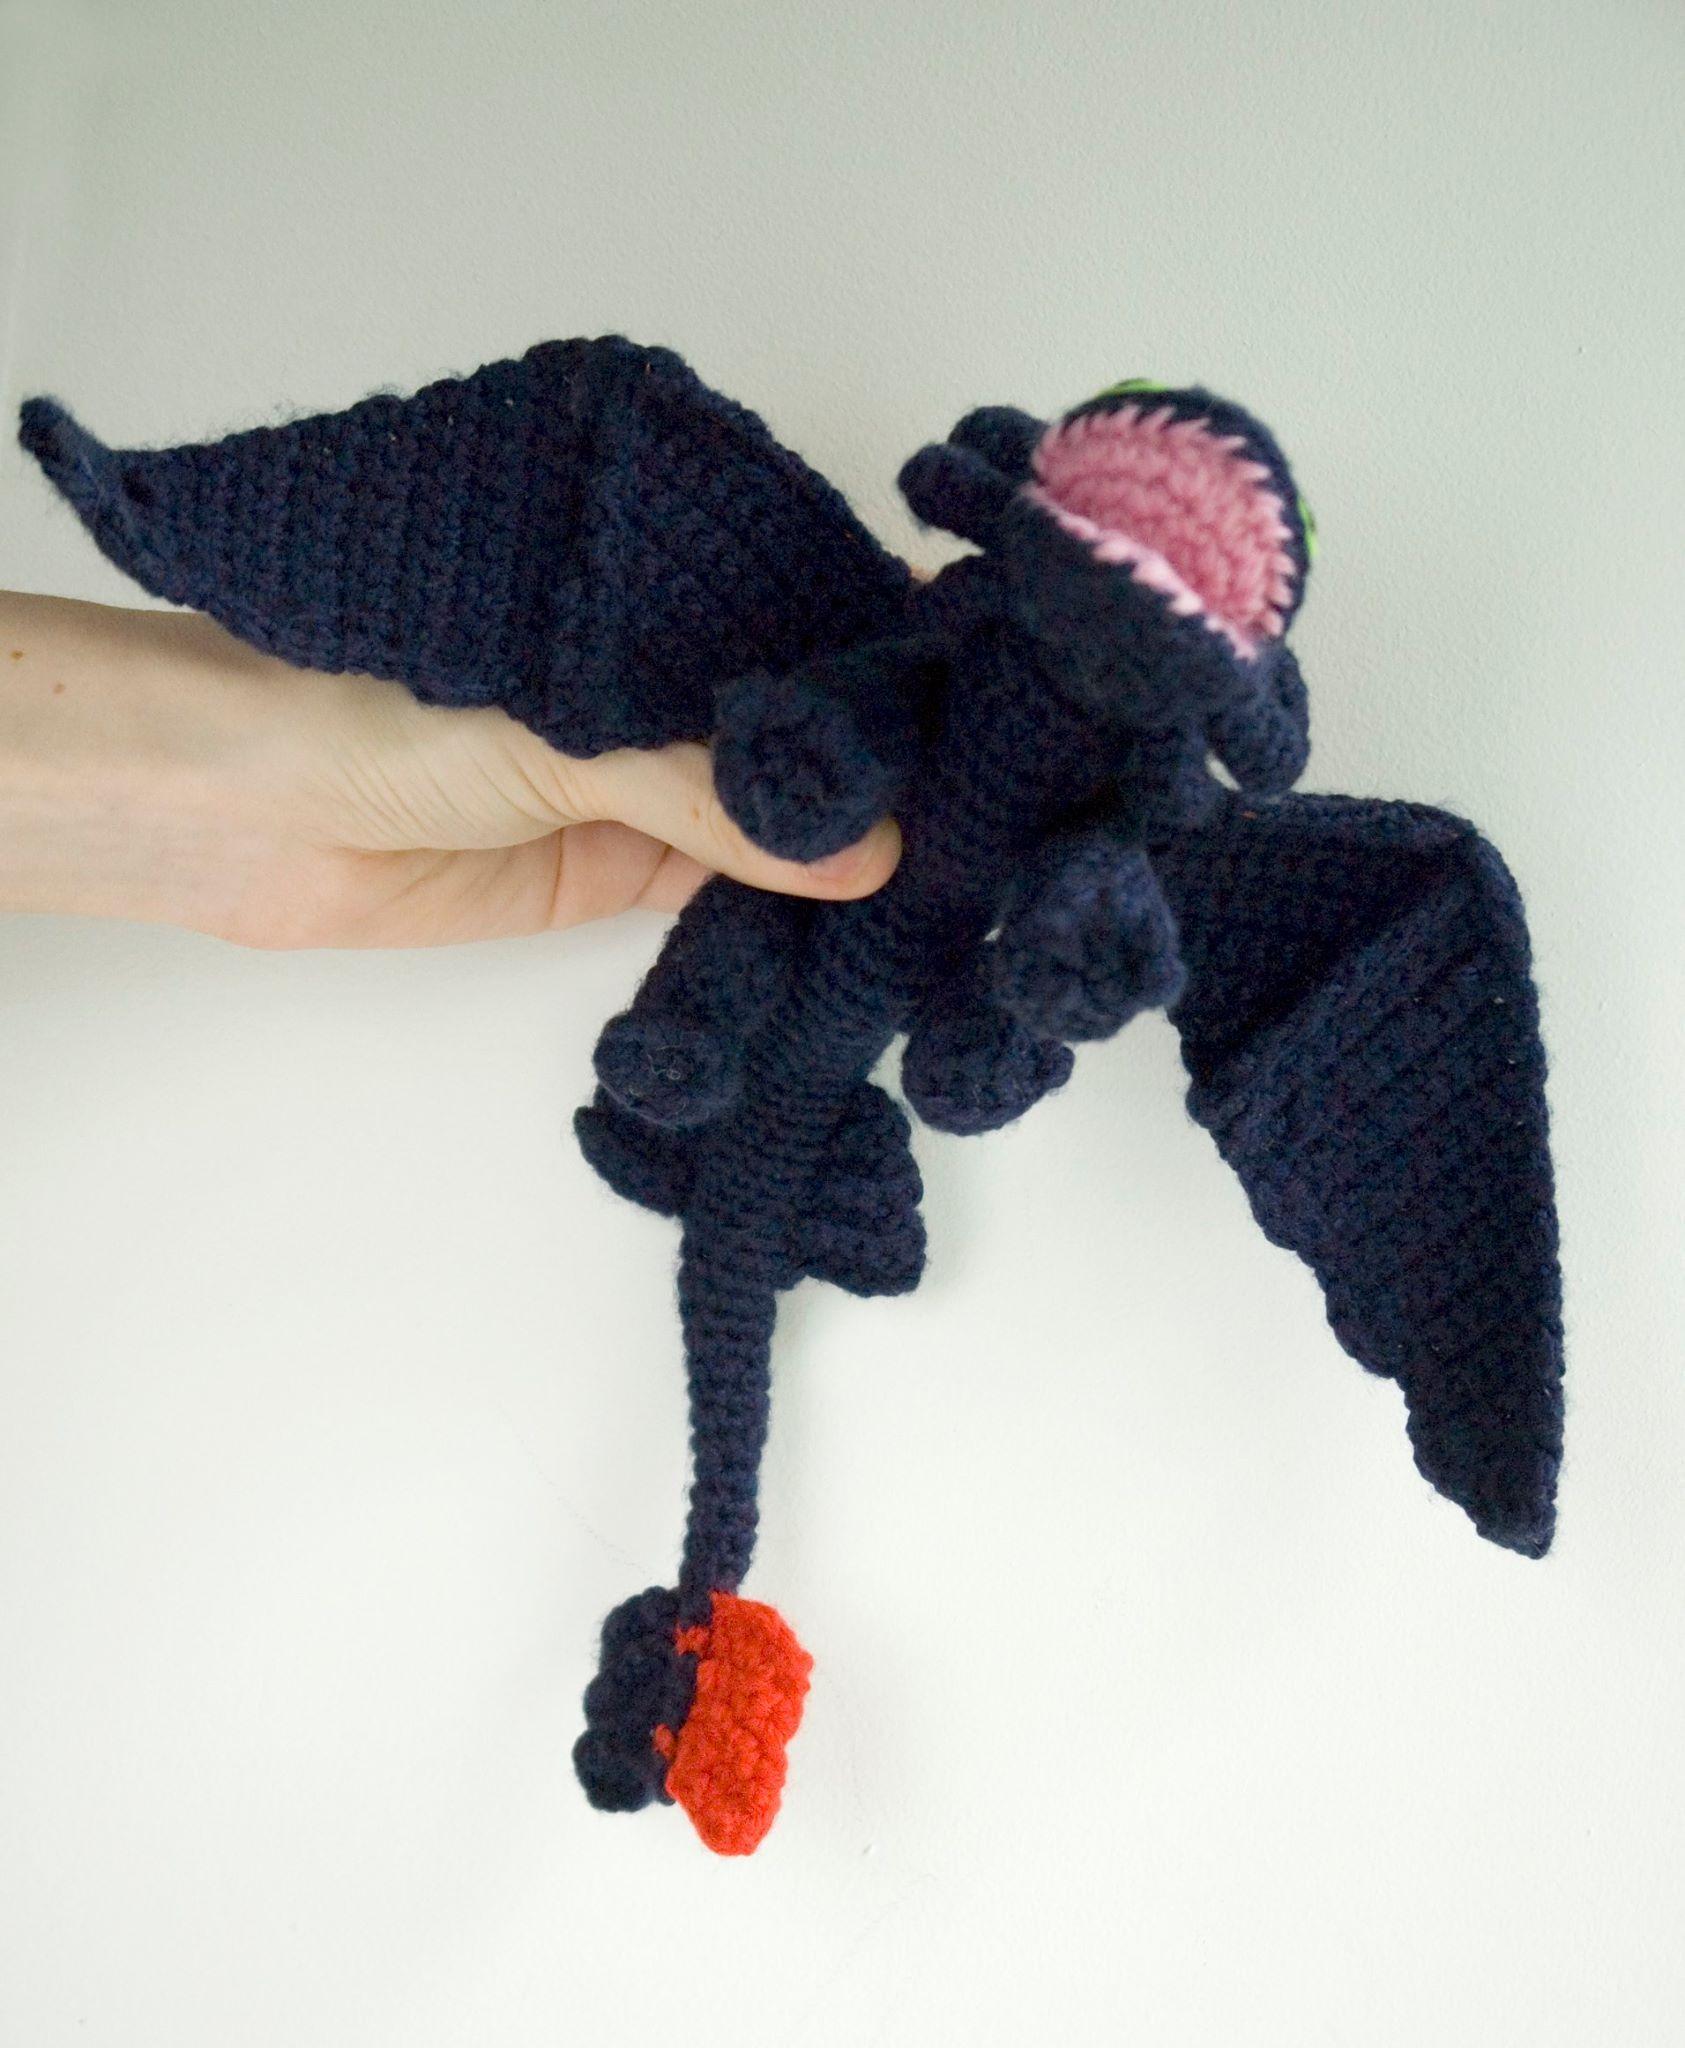 Chimuelo Amigurumi Patrones : Toothless crochet pattern dragon amigurumi tutorial by